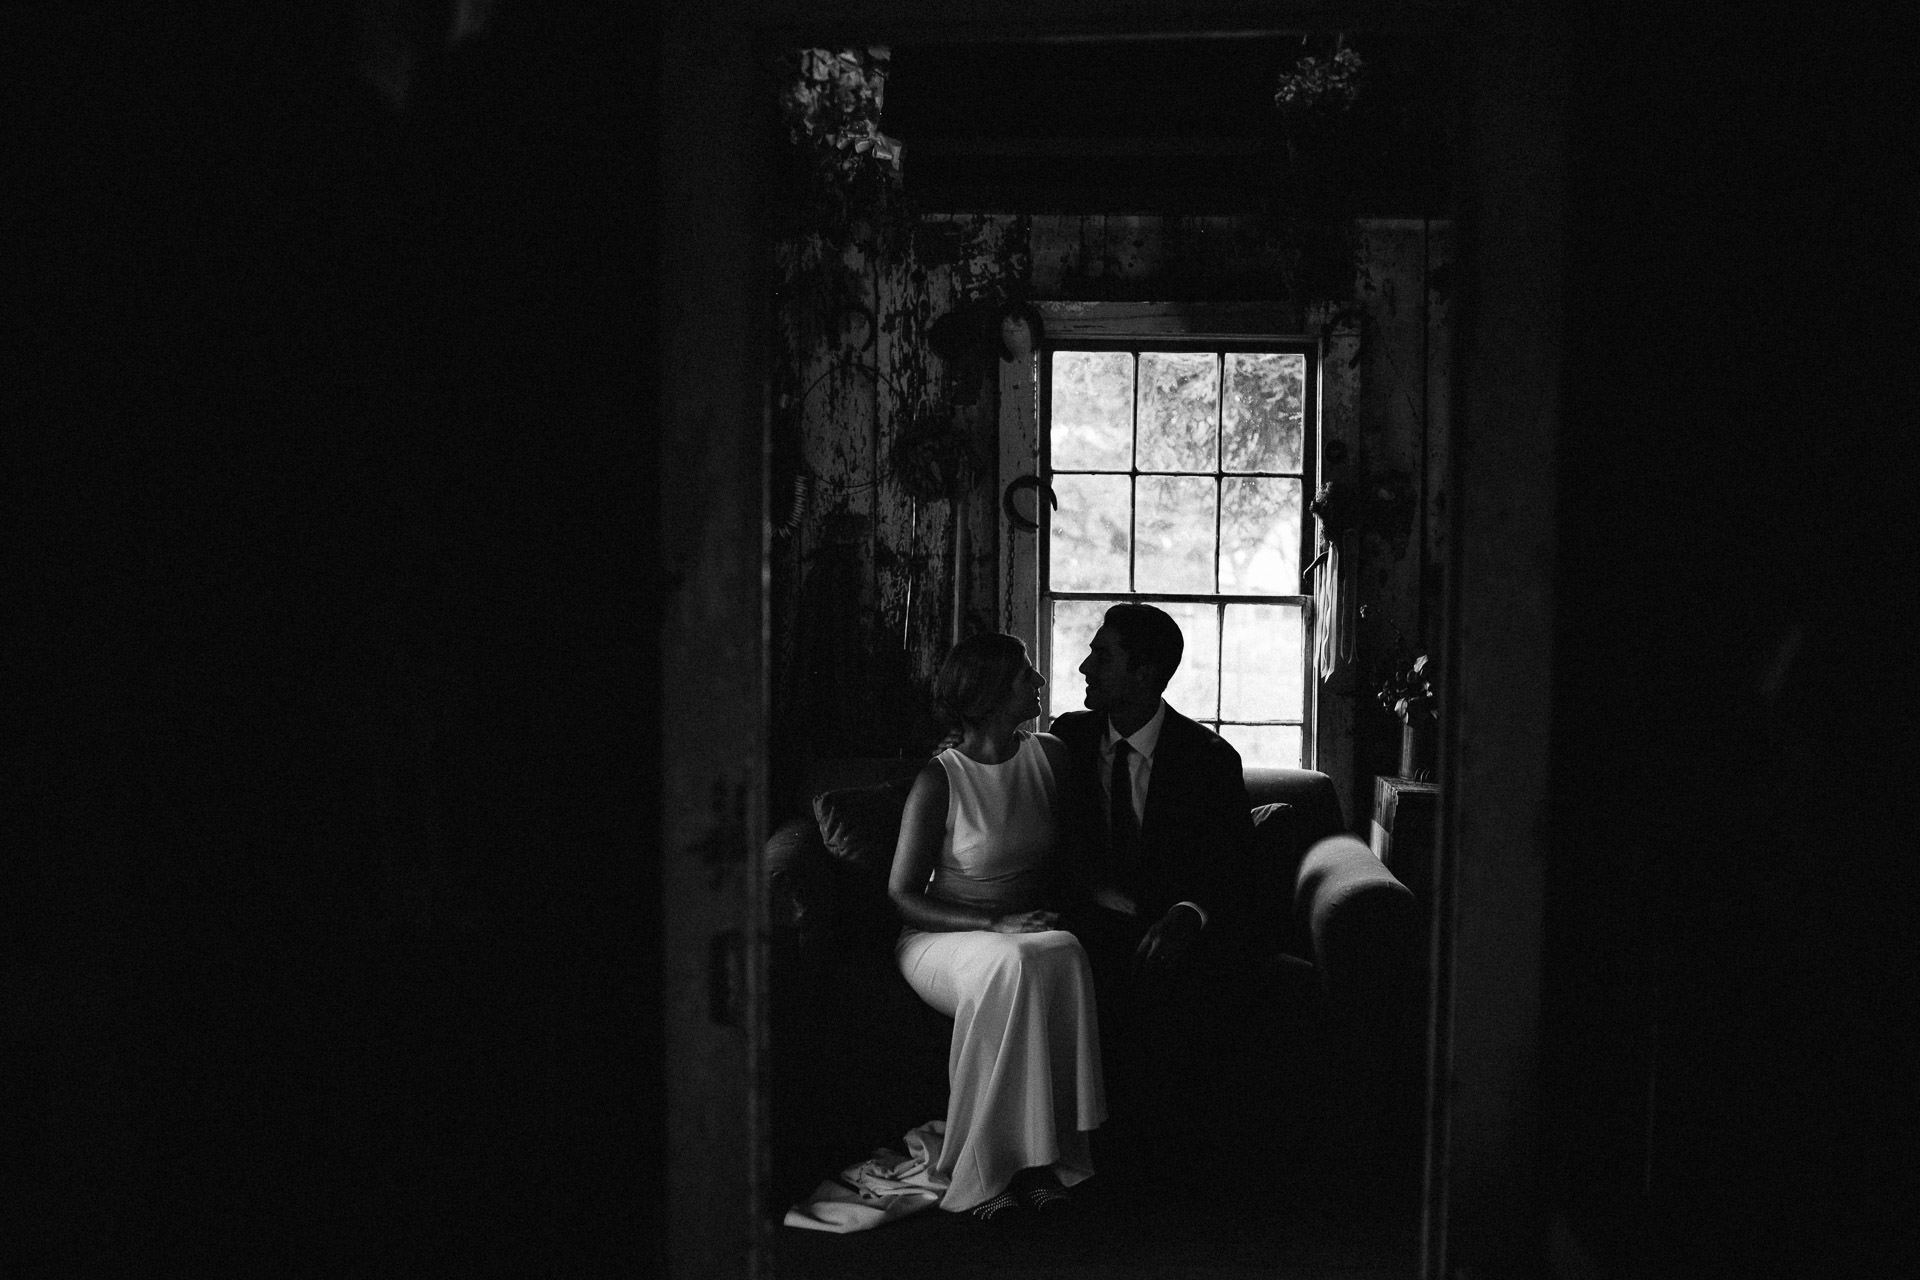 lauren_graham_wedding_california_park_winters_jeanlaurentgaudy_079